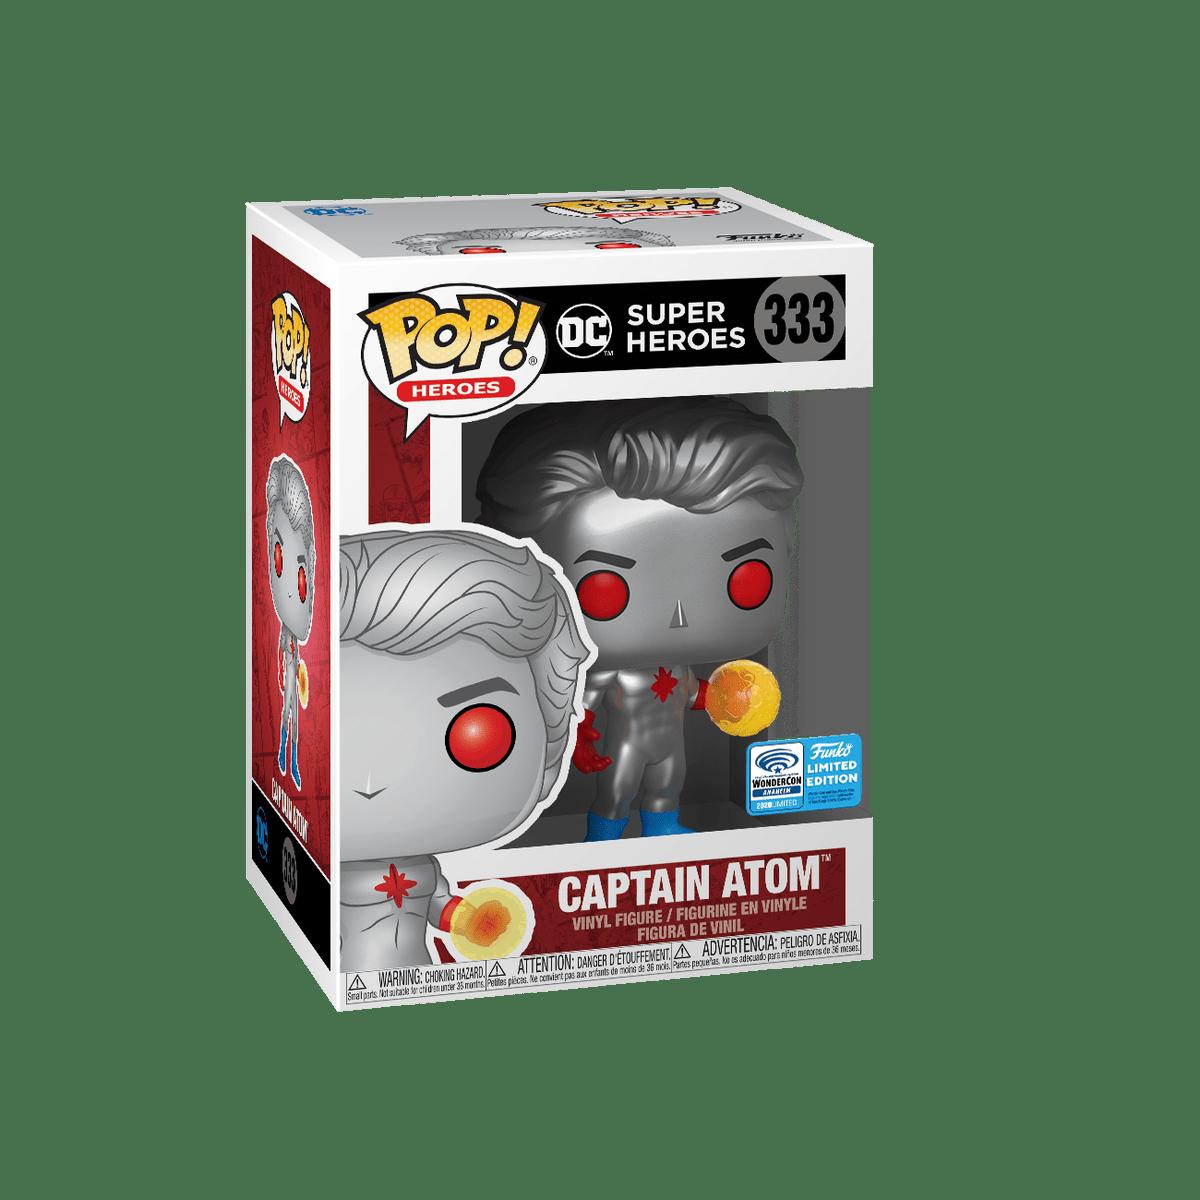 RT & follow @OriginalFunko for the chance to win a @WonderCon/#FunkoVirtualCon exclusive Captain Atom Pop!